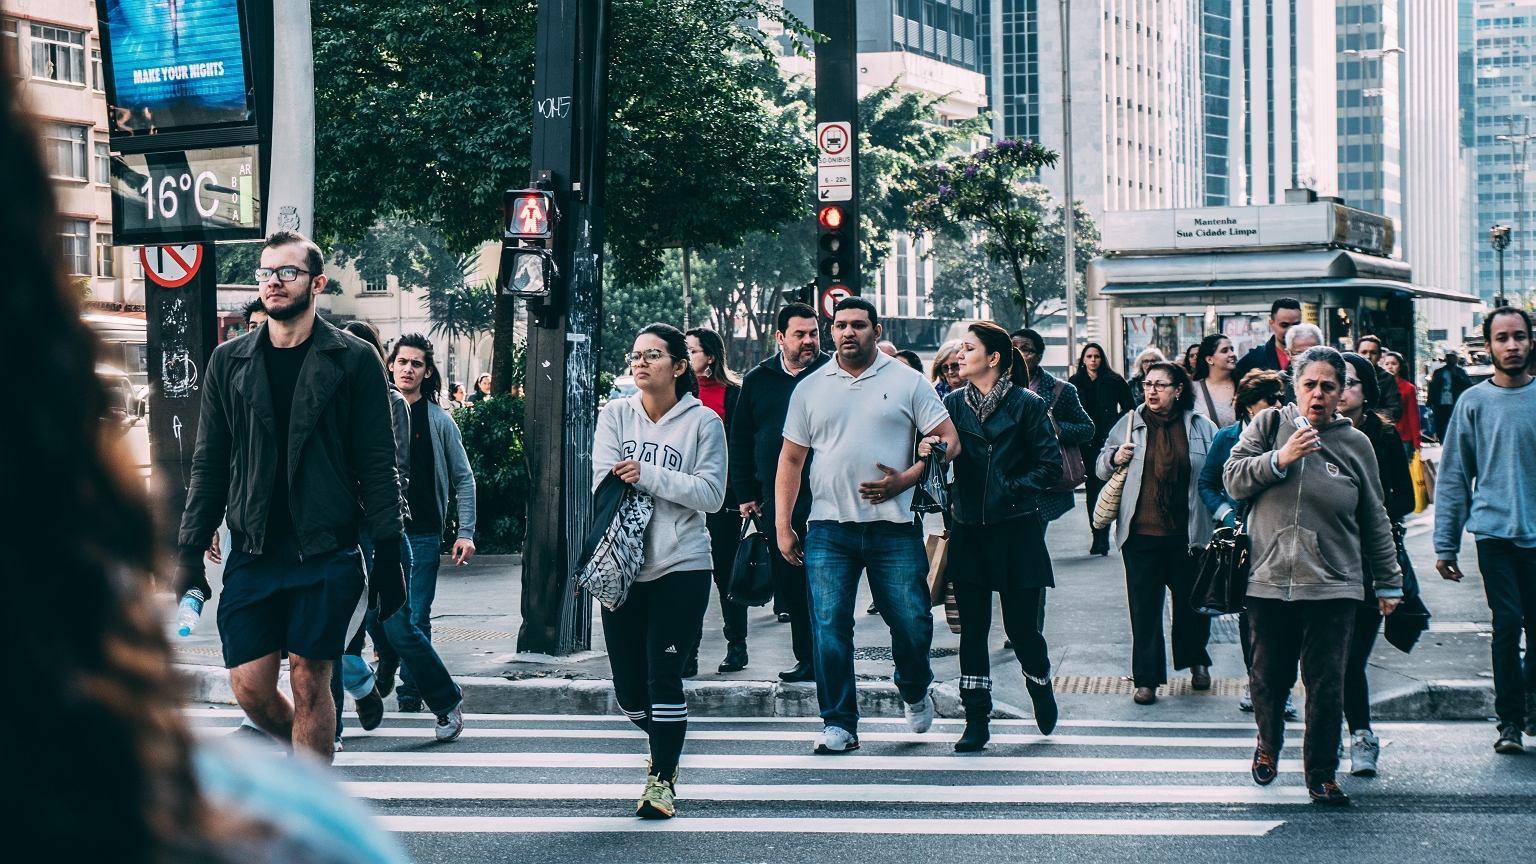 Ludzie przechodzący przez ulicę w ruchliwym mieście